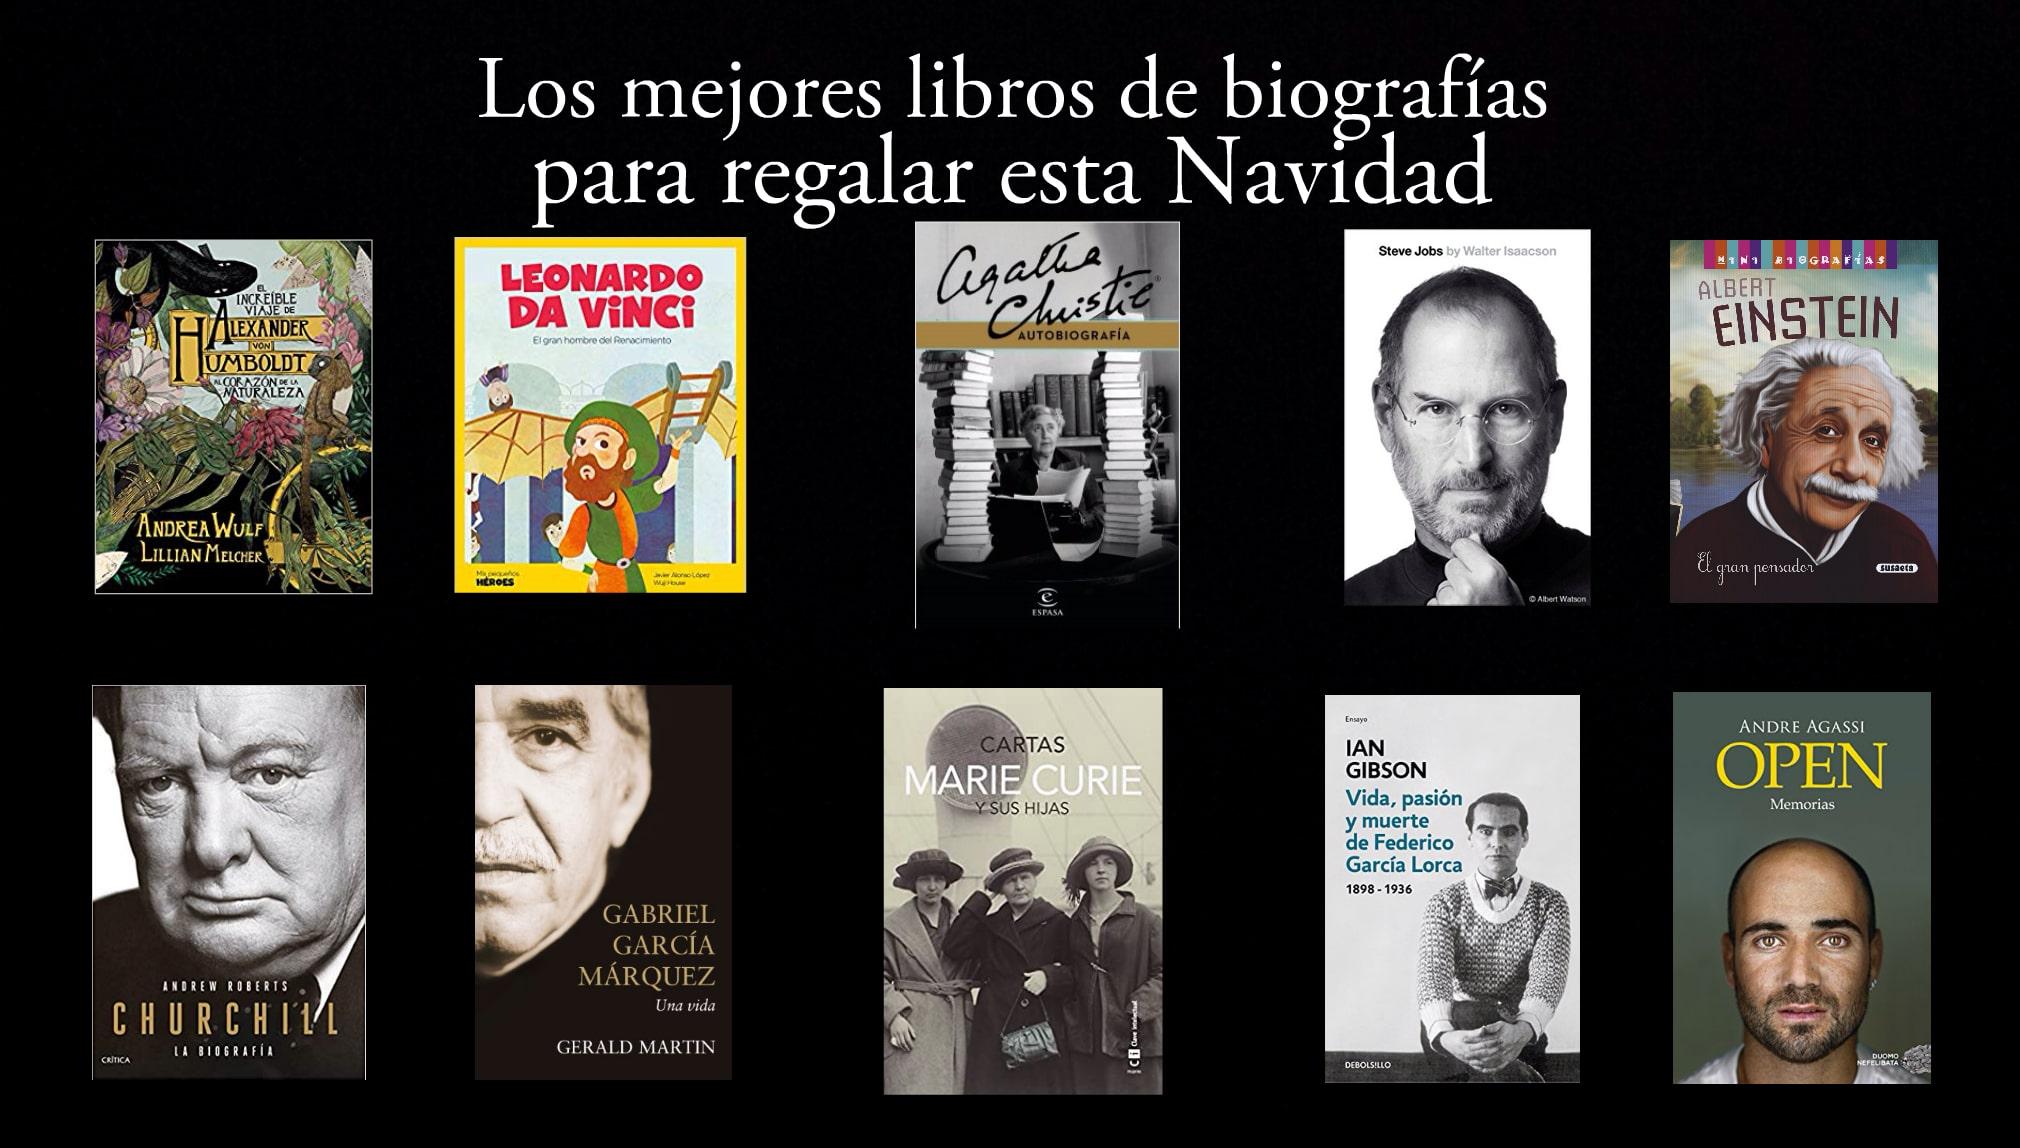 Los mejores libros de biografías para regalar en Navidad.